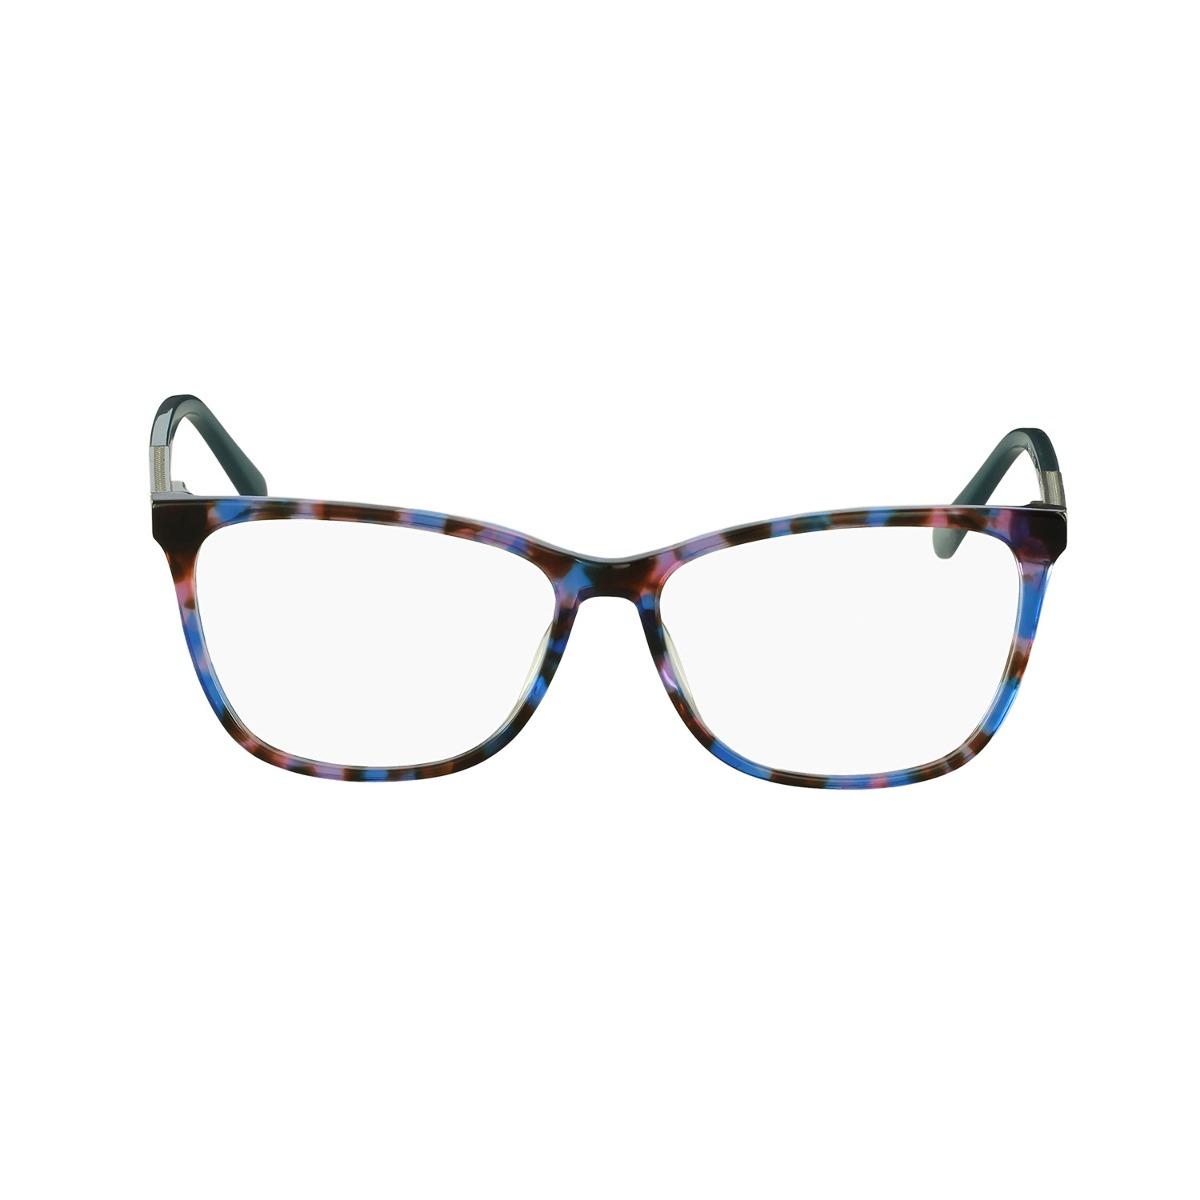 Óculos De Grau Sabrina Sato Casual Verde - R  350,00 em Mercado Livre 047e3ea8a6